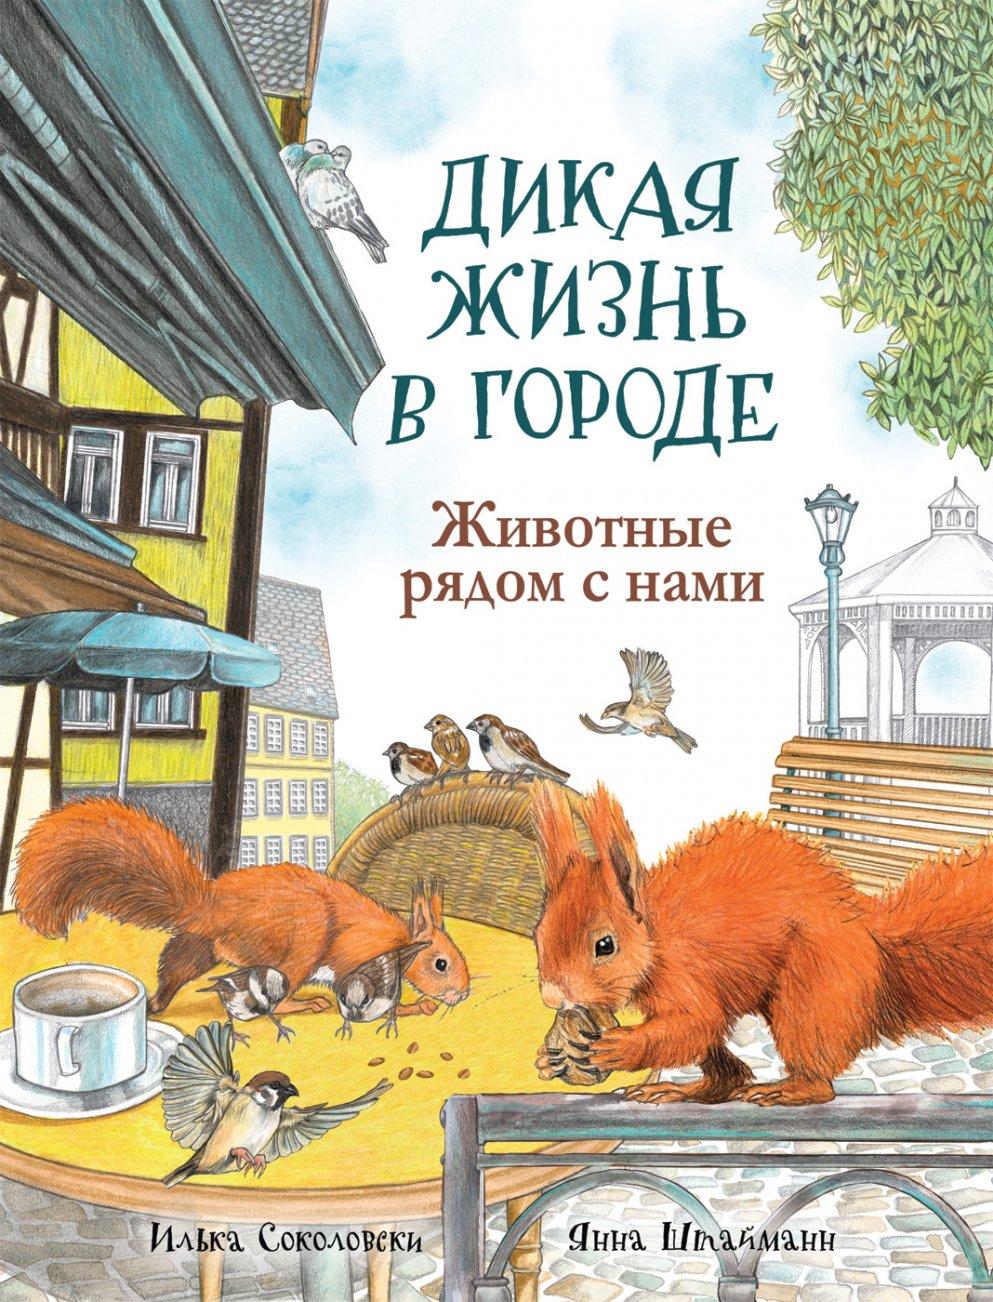 Книга - Дикая жизнь в городе. Животные рядом с намиКнига знаний<br>Книга - Дикая жизнь в городе. Животные рядом с нами<br>